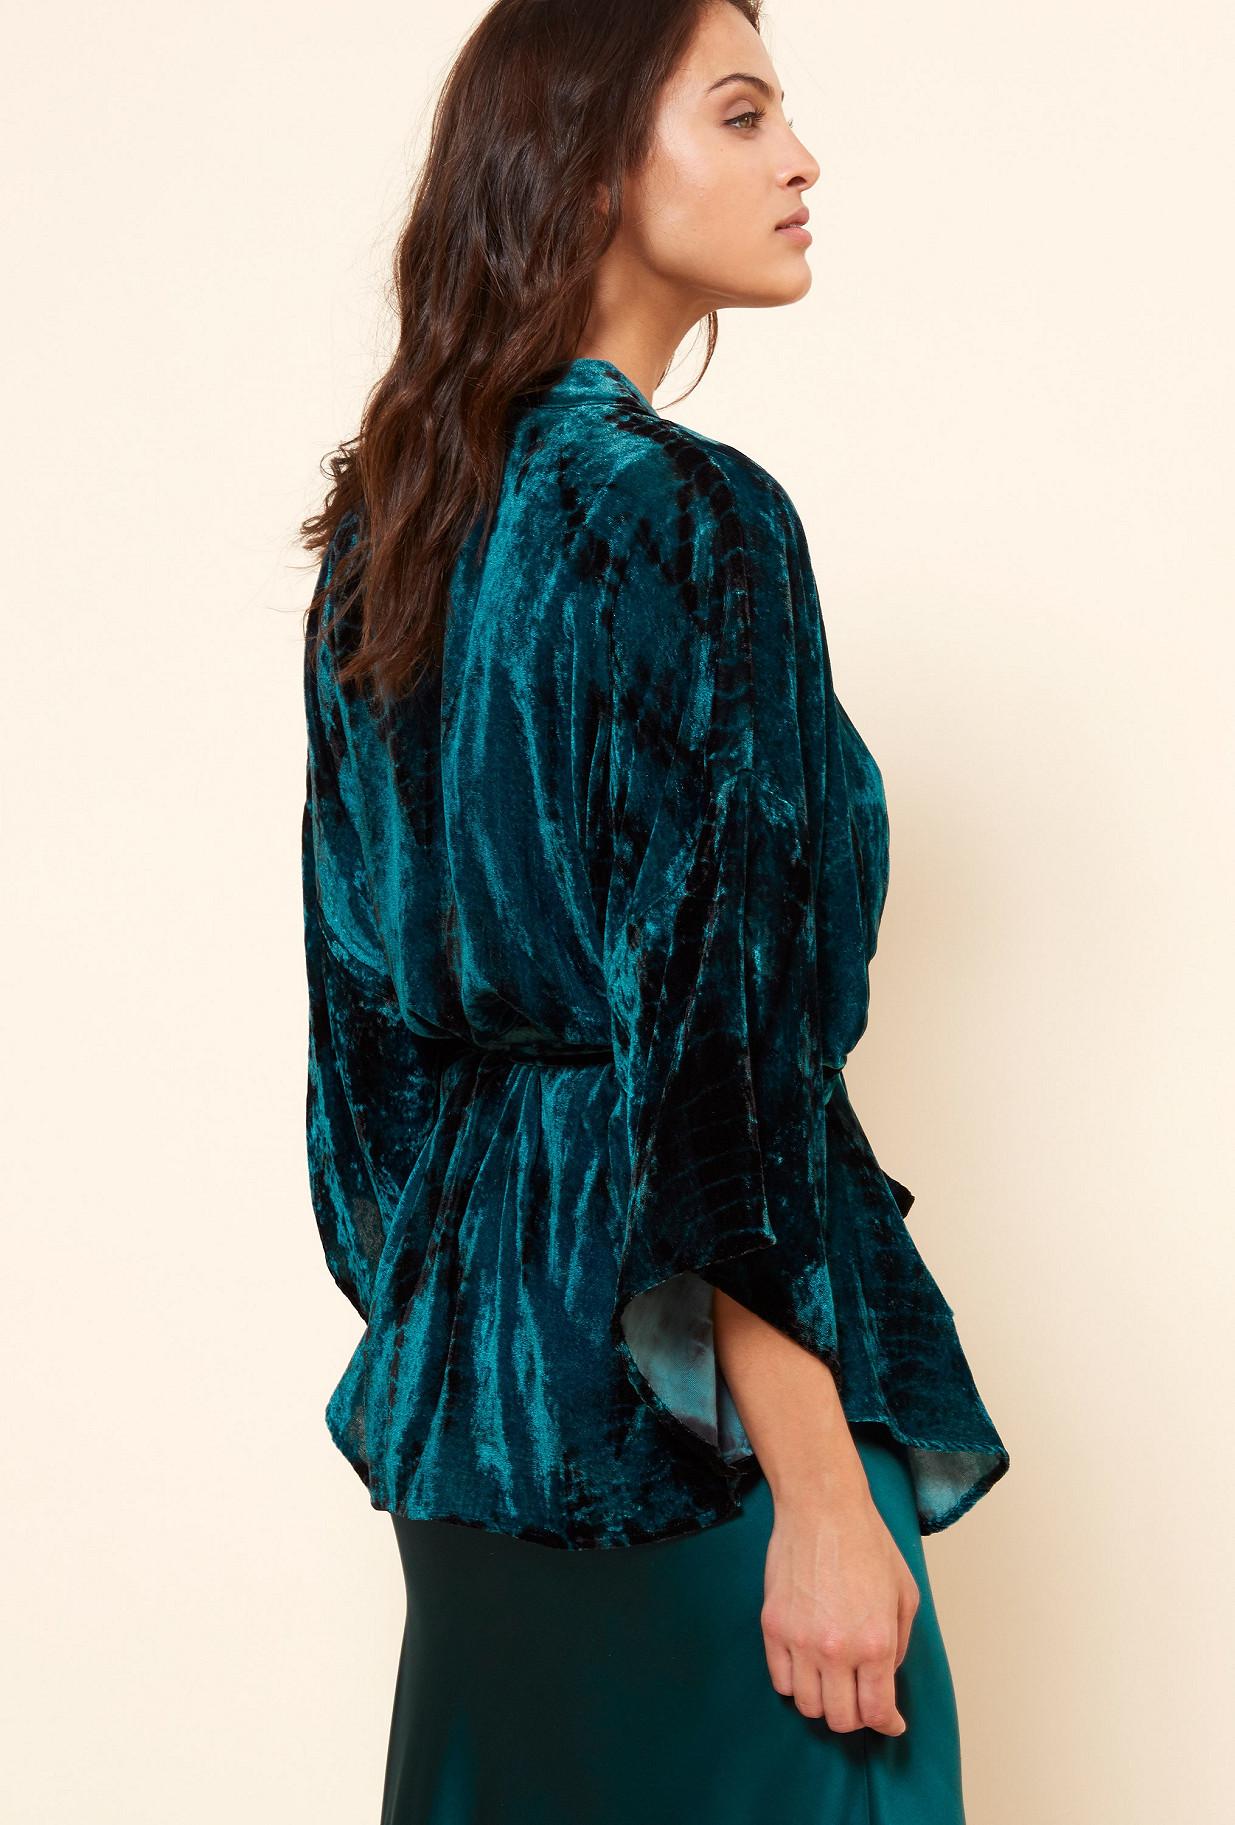 KIMONO Bleu  Suzon mes demoiselles paris vêtement femme paris